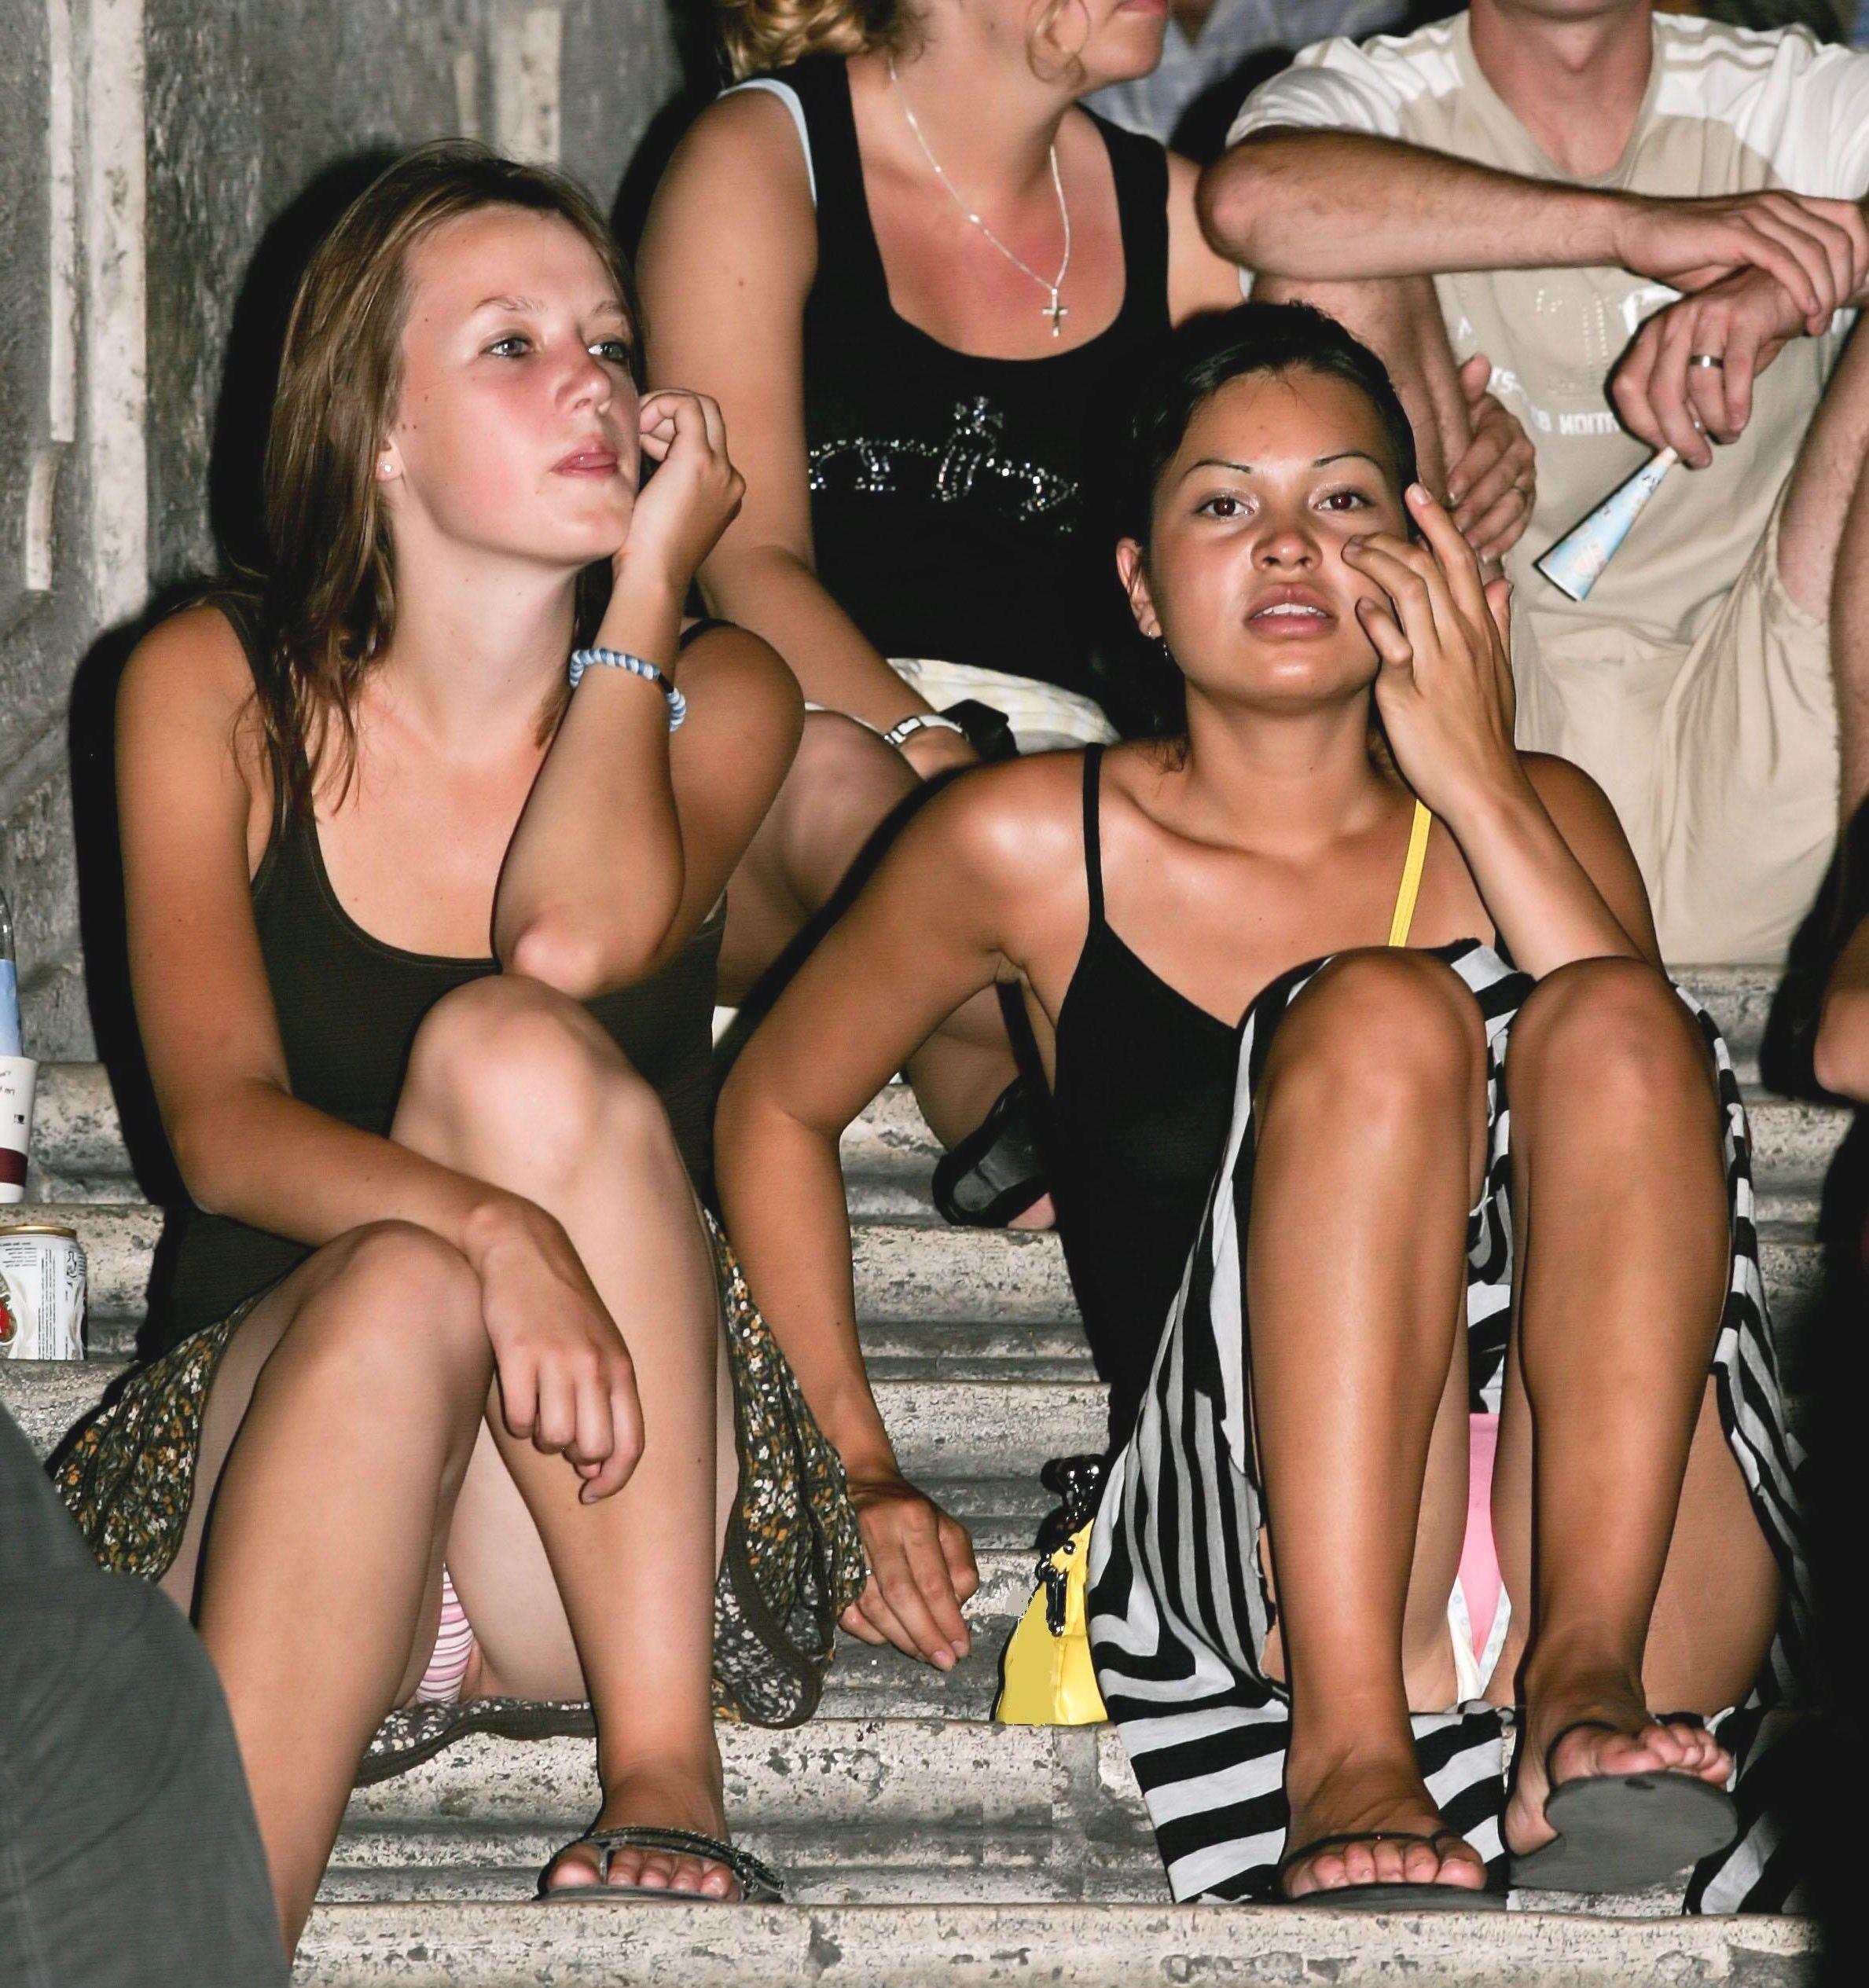 Две девушки в мини-юбках светят трусиками сидя на лестнице